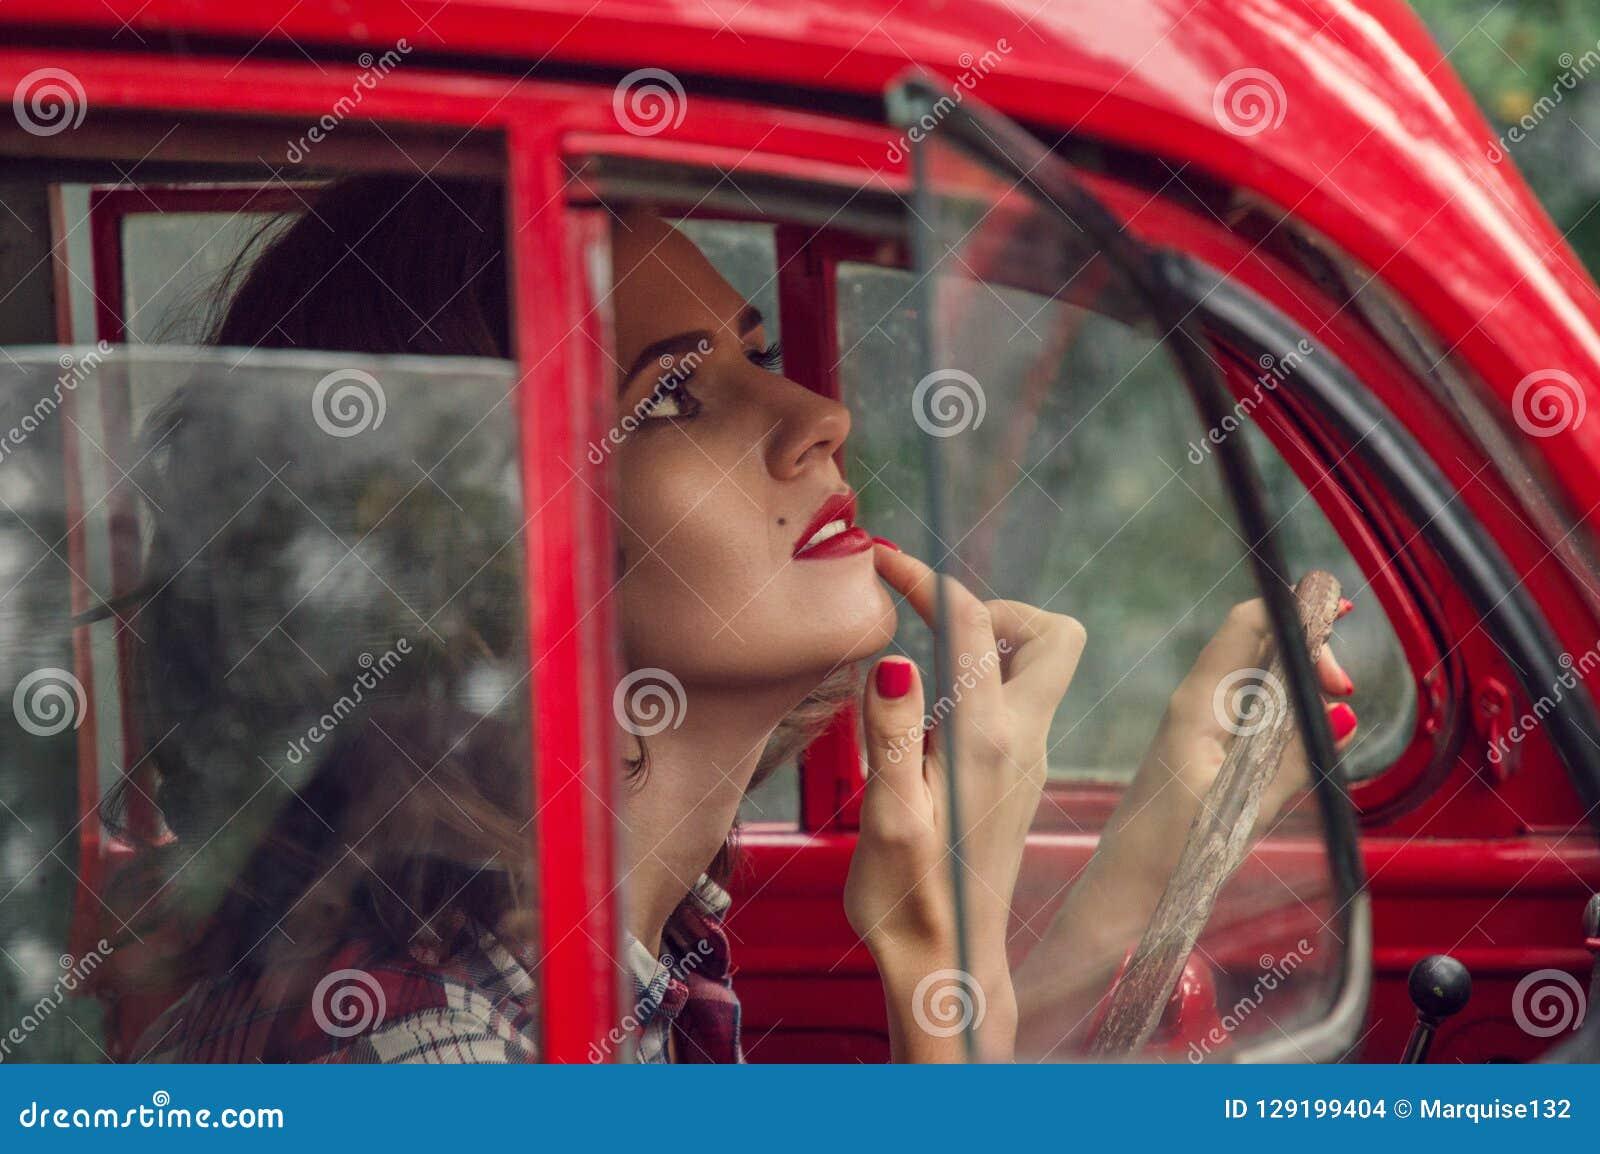 Una bella pin-up in una camicia di plaid corregge il trucco nel salone di vecchia retro automobile rossa